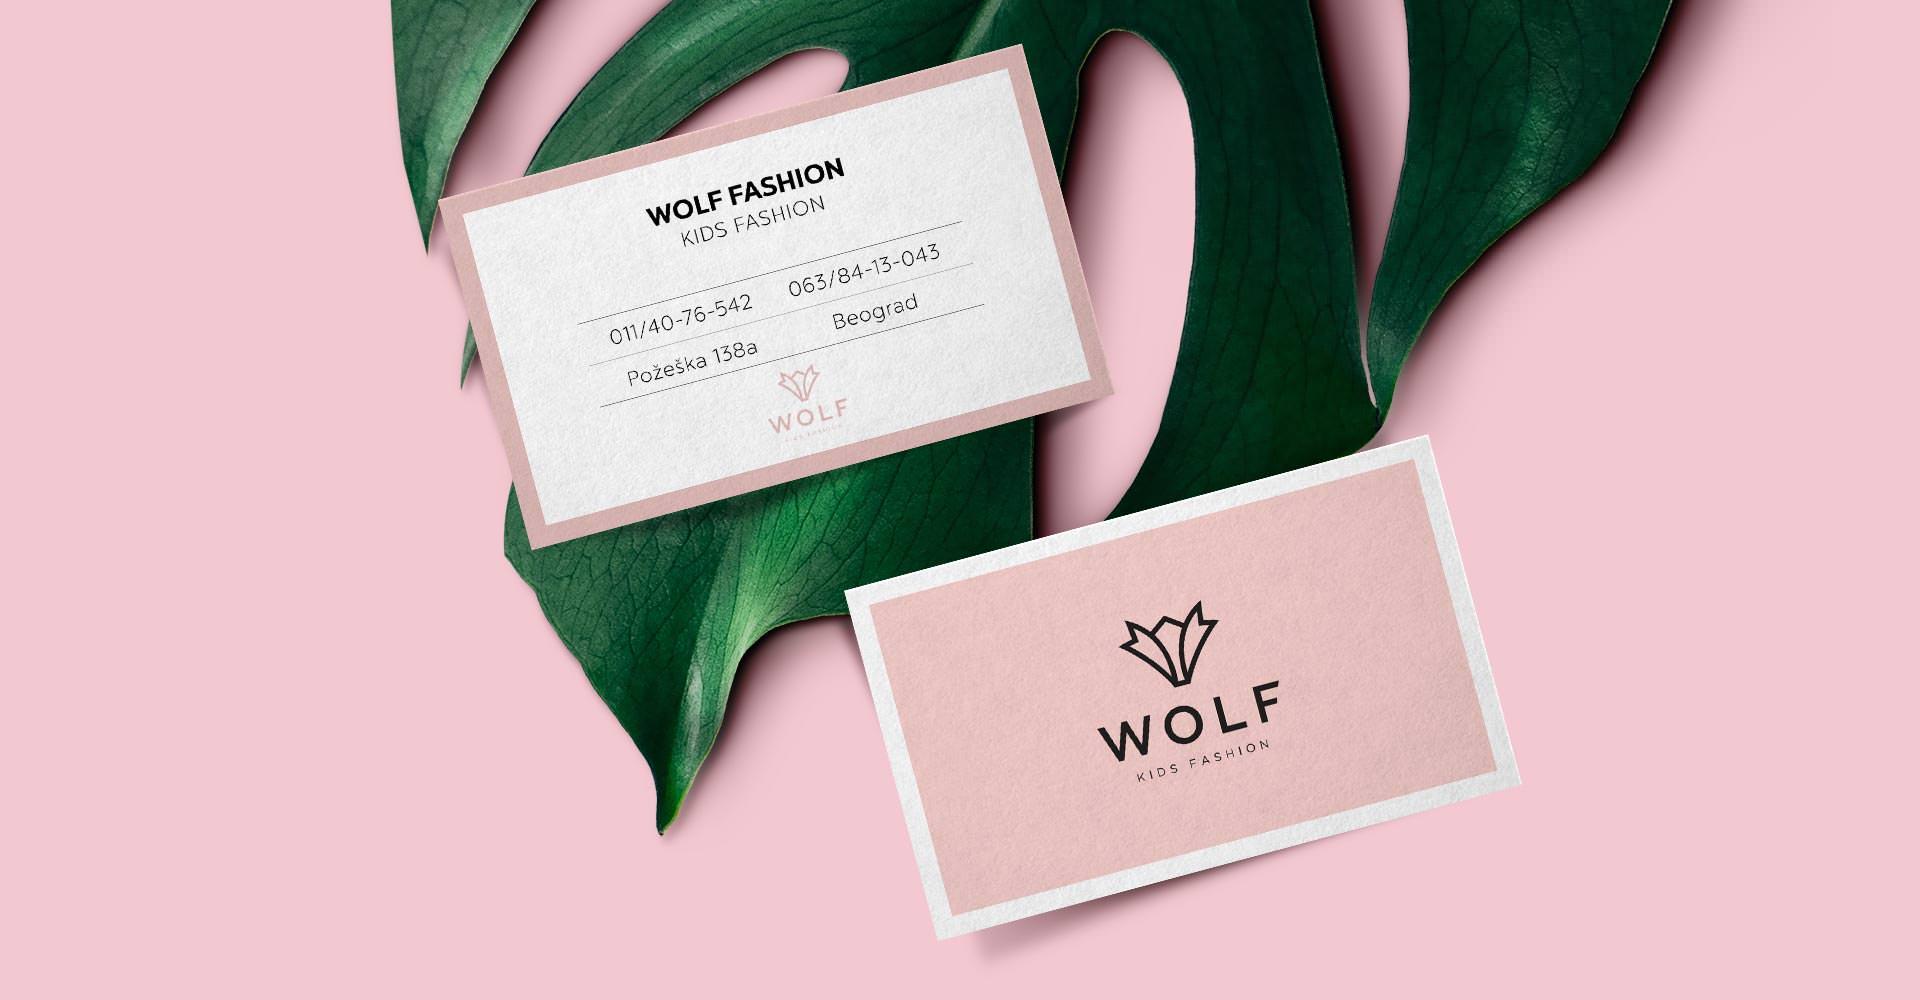 Dizajn i izrada vizitkarte za Wolf fashion dečiju kolekciju